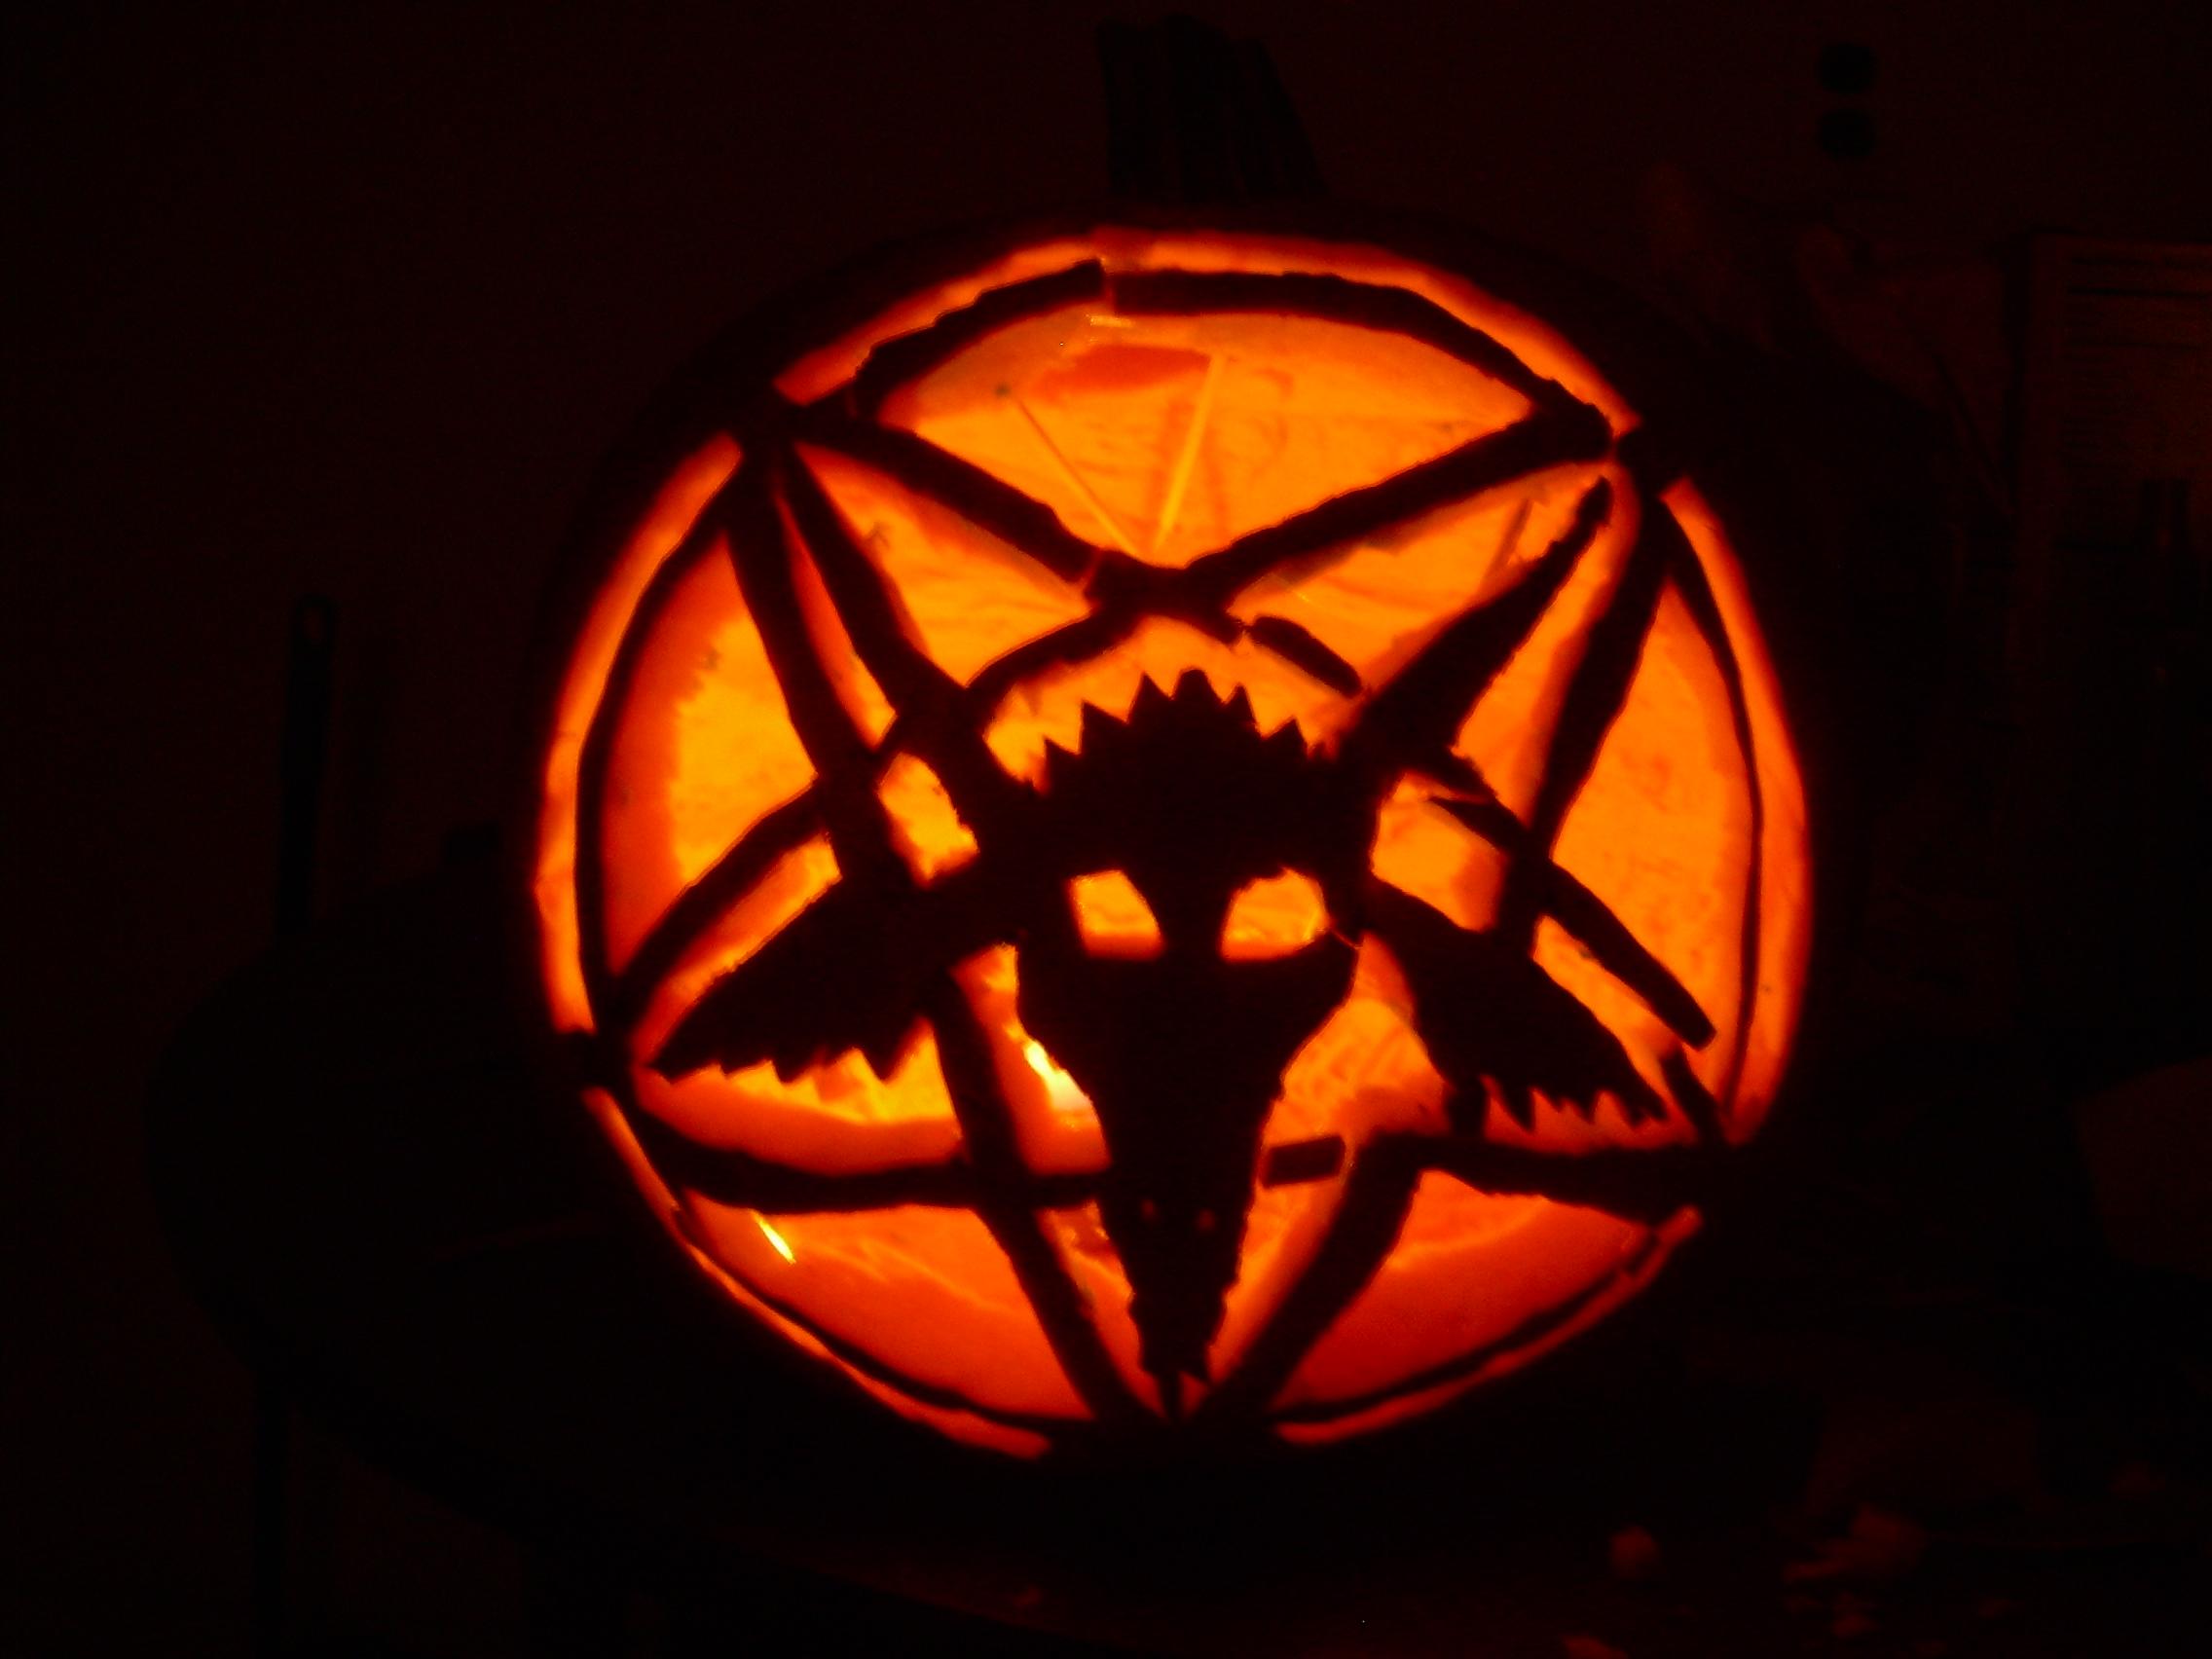 Vomiting Pumpkin Template. vomiting pumpkins the halloween ...